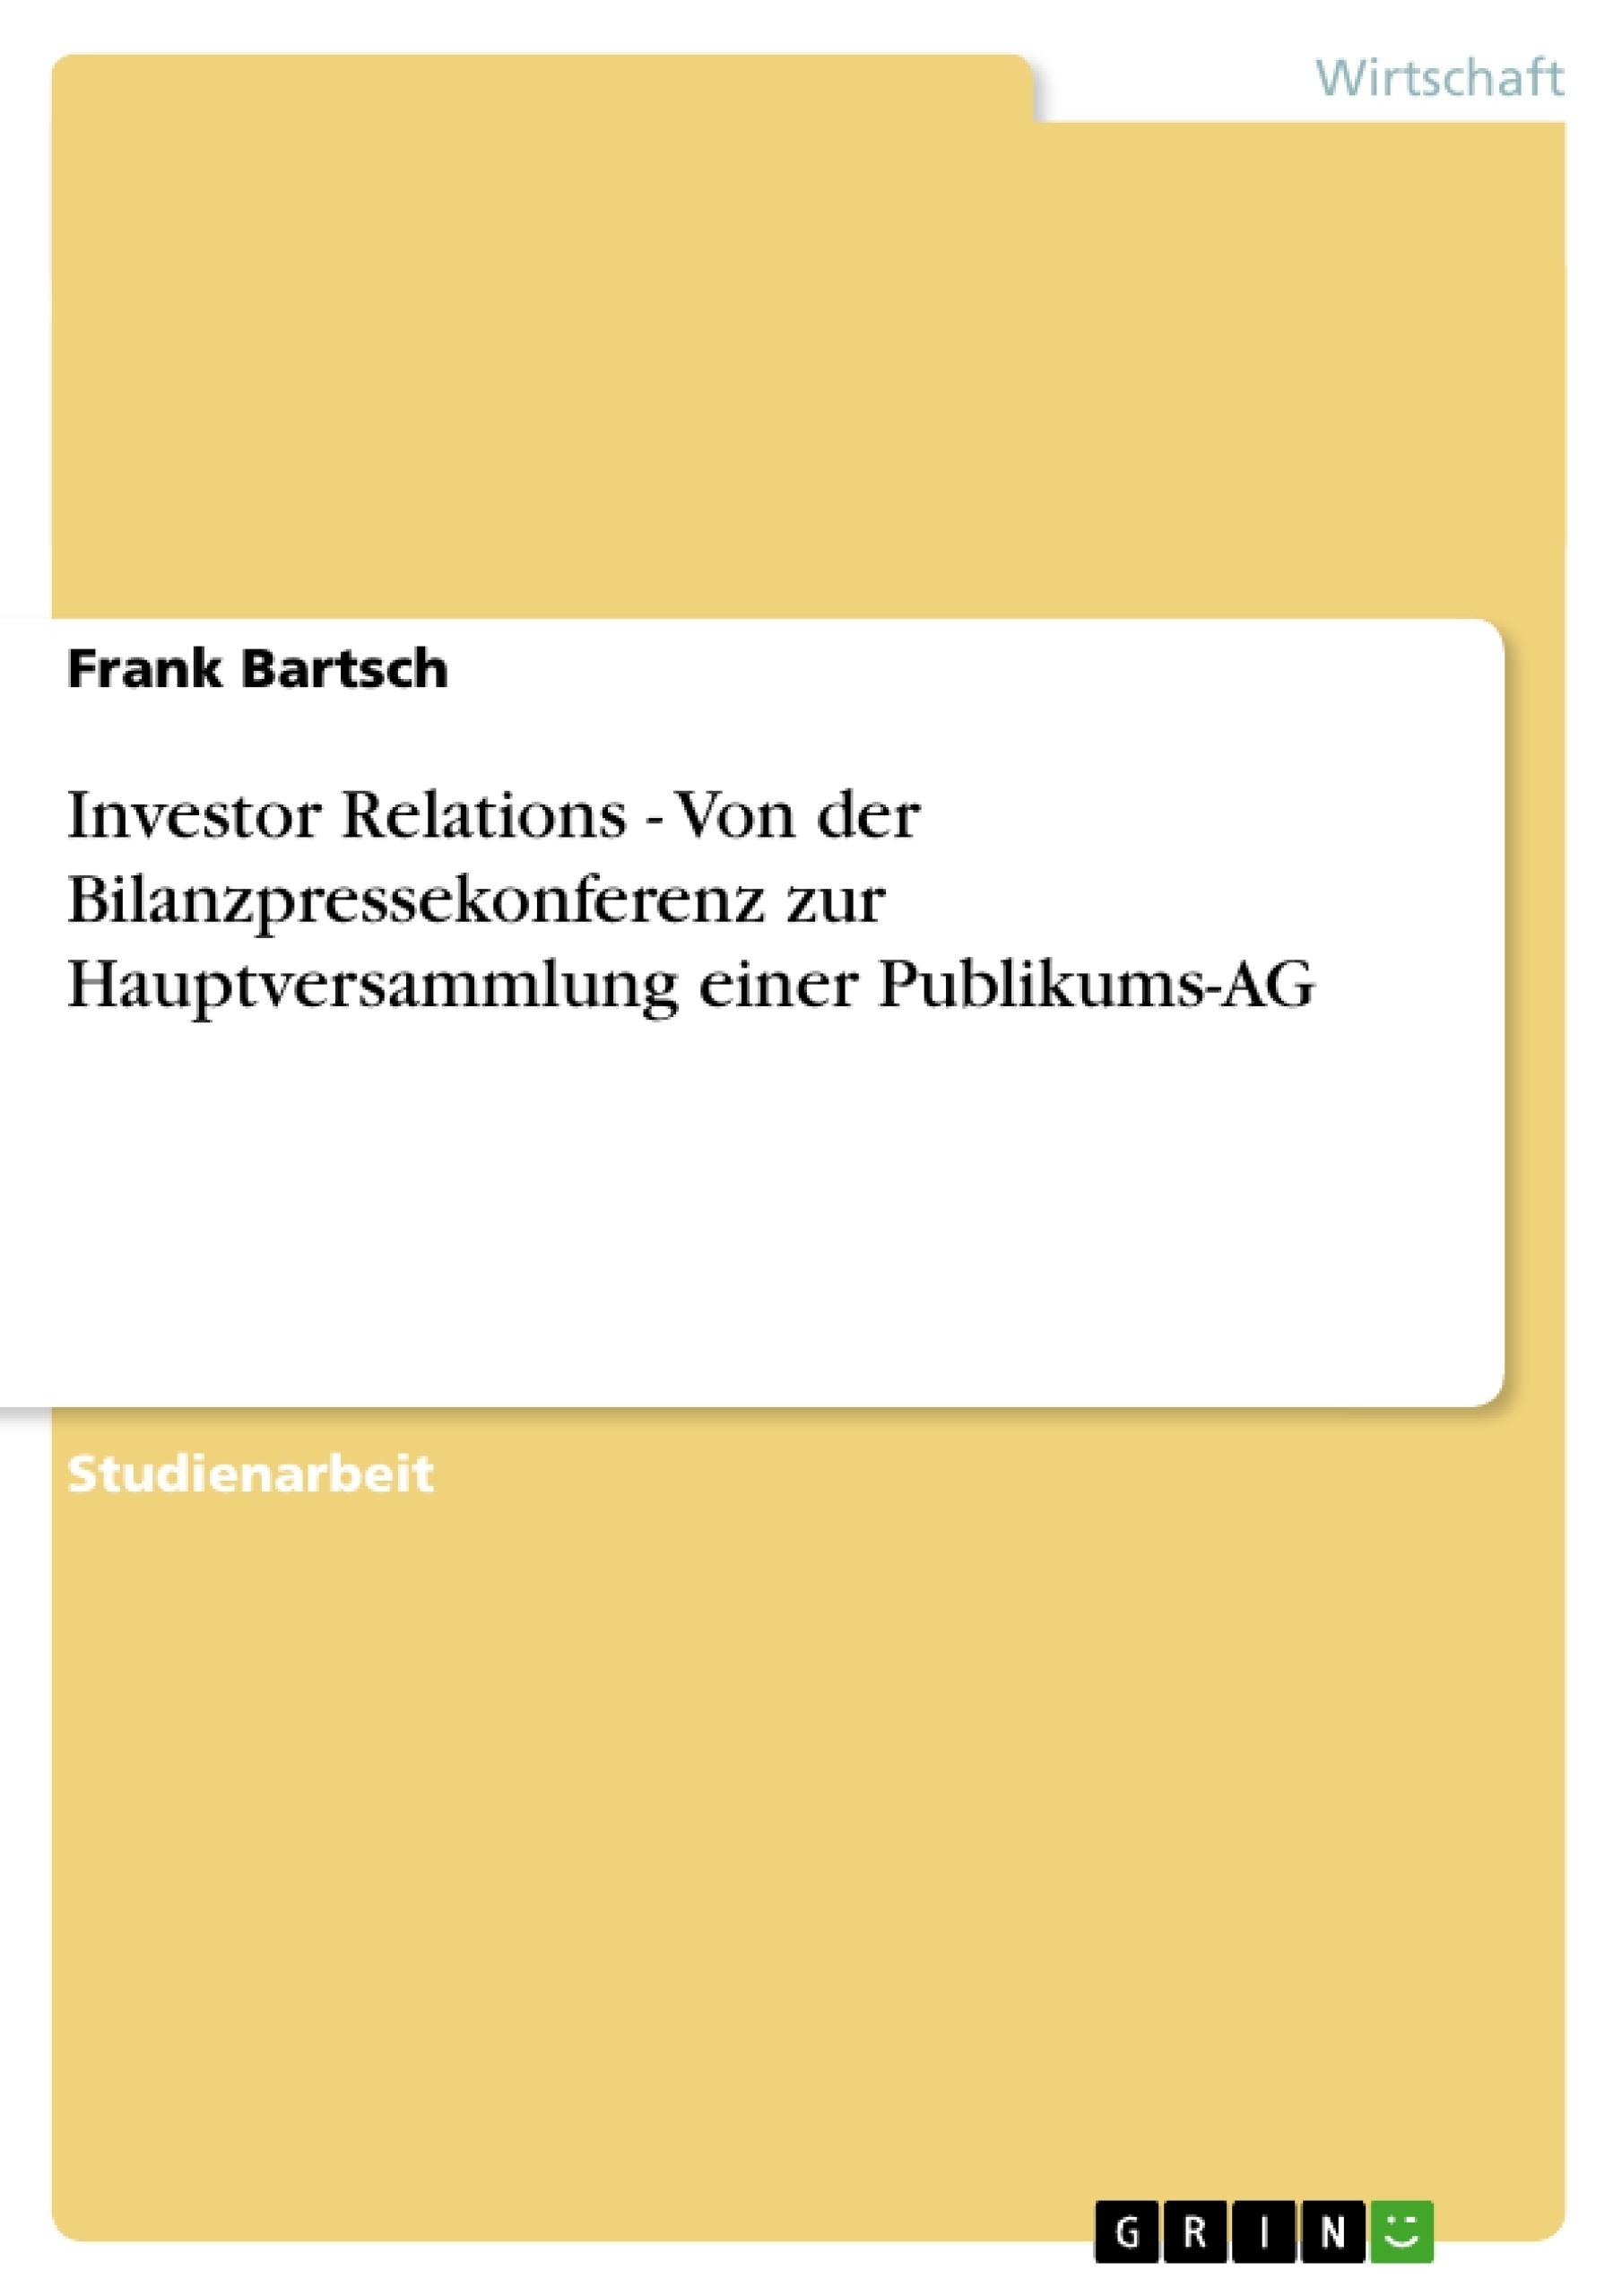 Titel: Investor Relations - Von der Bilanzpressekonferenz zur Hauptversammlung einer Publikums-AG